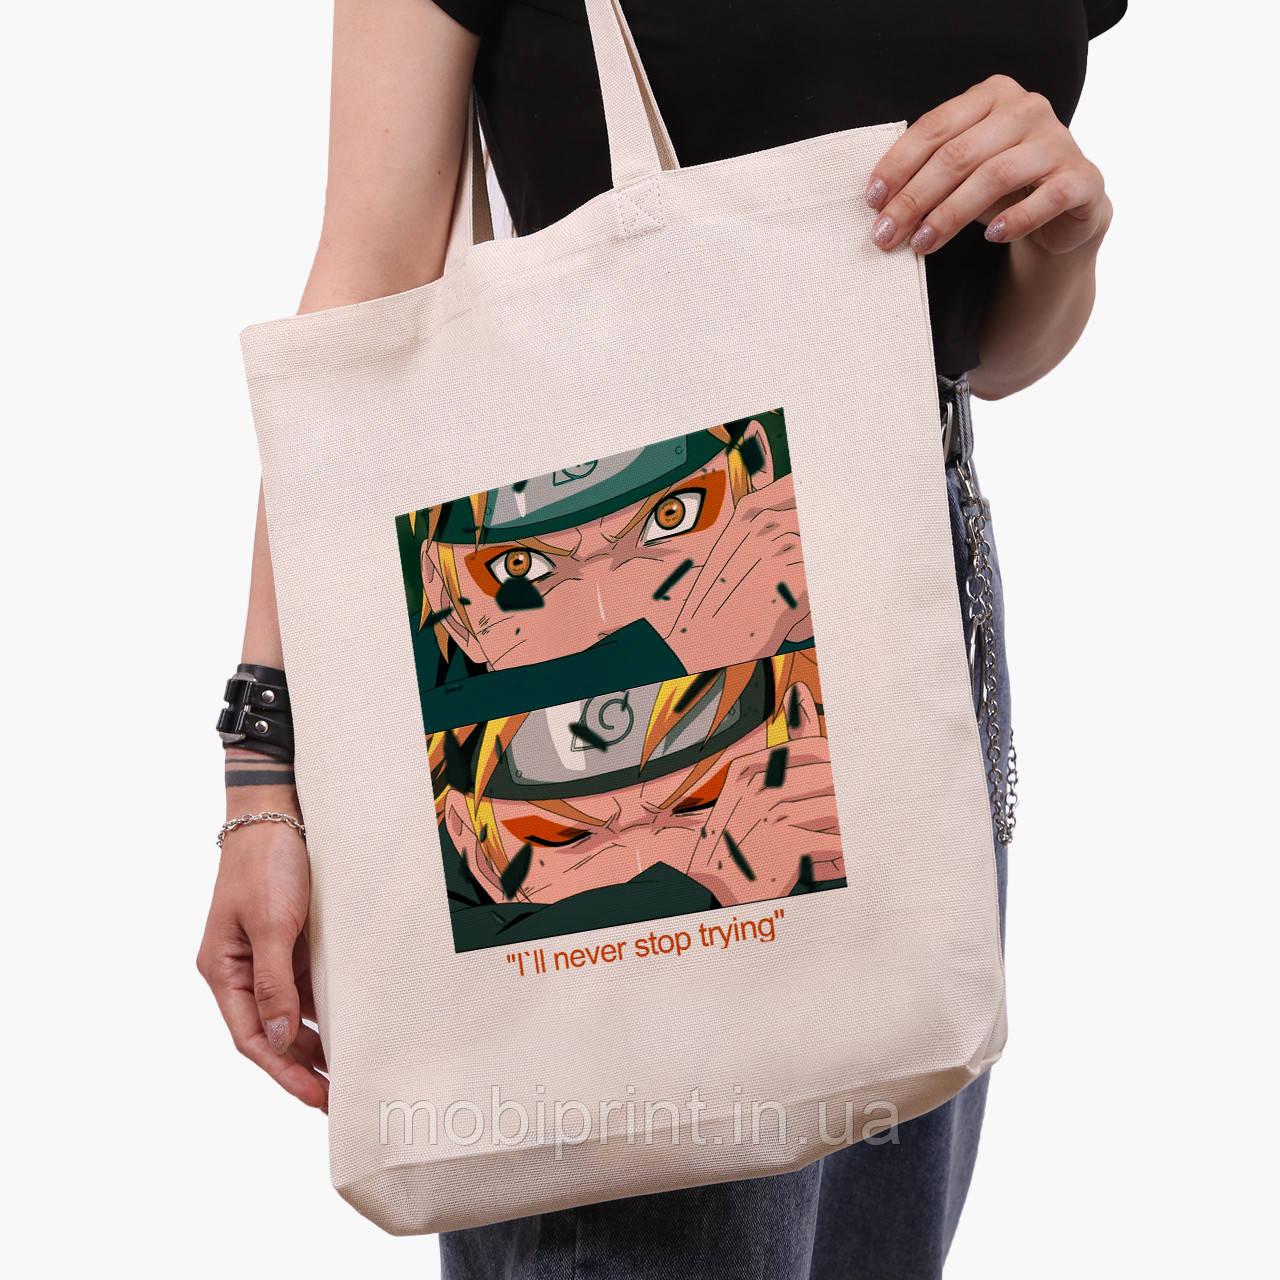 Эко сумка шоппер белая Наруто Узумаки (Naruto Uzumaki) (9227-2816-1)  41*39*8 см